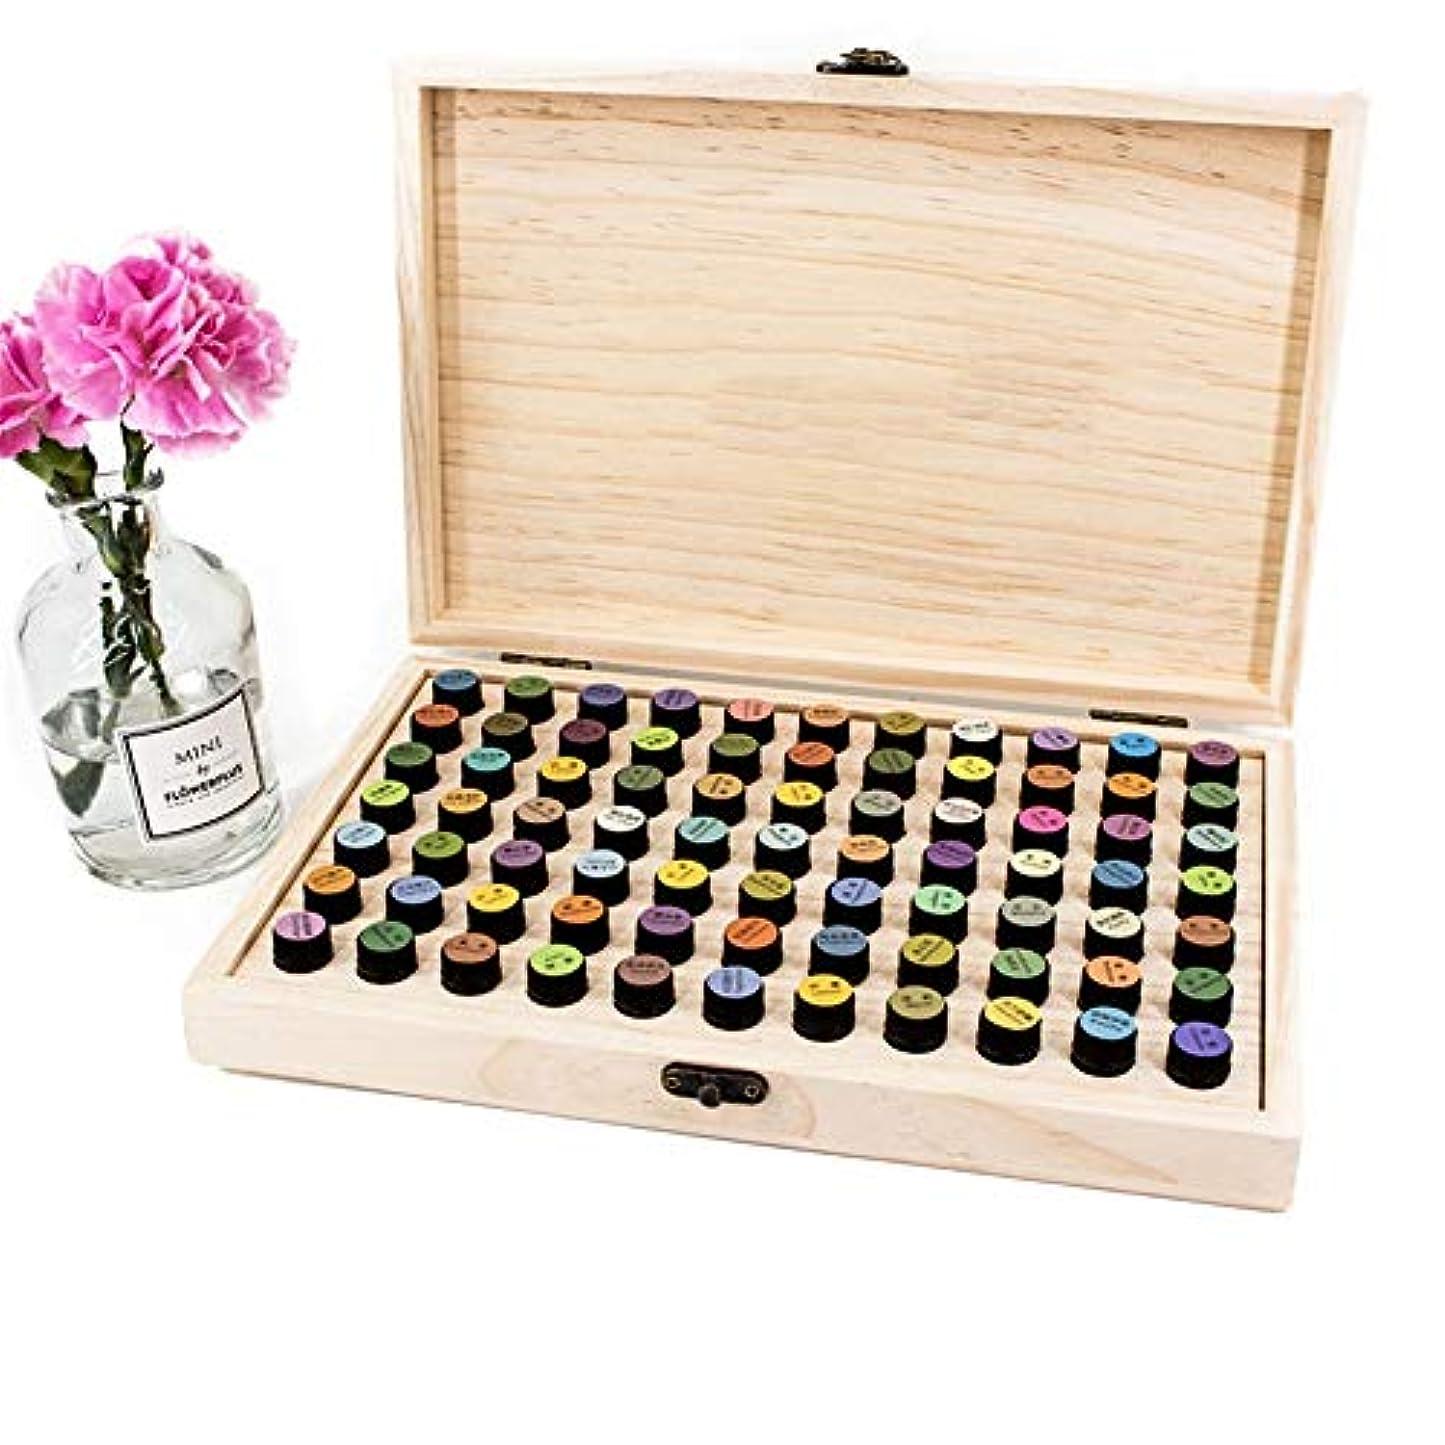 ロイヤリティ無駄だ貸すエッセンシャルオイルボックス 2ディスプレイウッドオイルボックス72個のスロットオーガナイザーを格納するためのバイアルmlの アロマセラピー収納ボックス (色 : Natural, サイズ : 29X19X4CM)